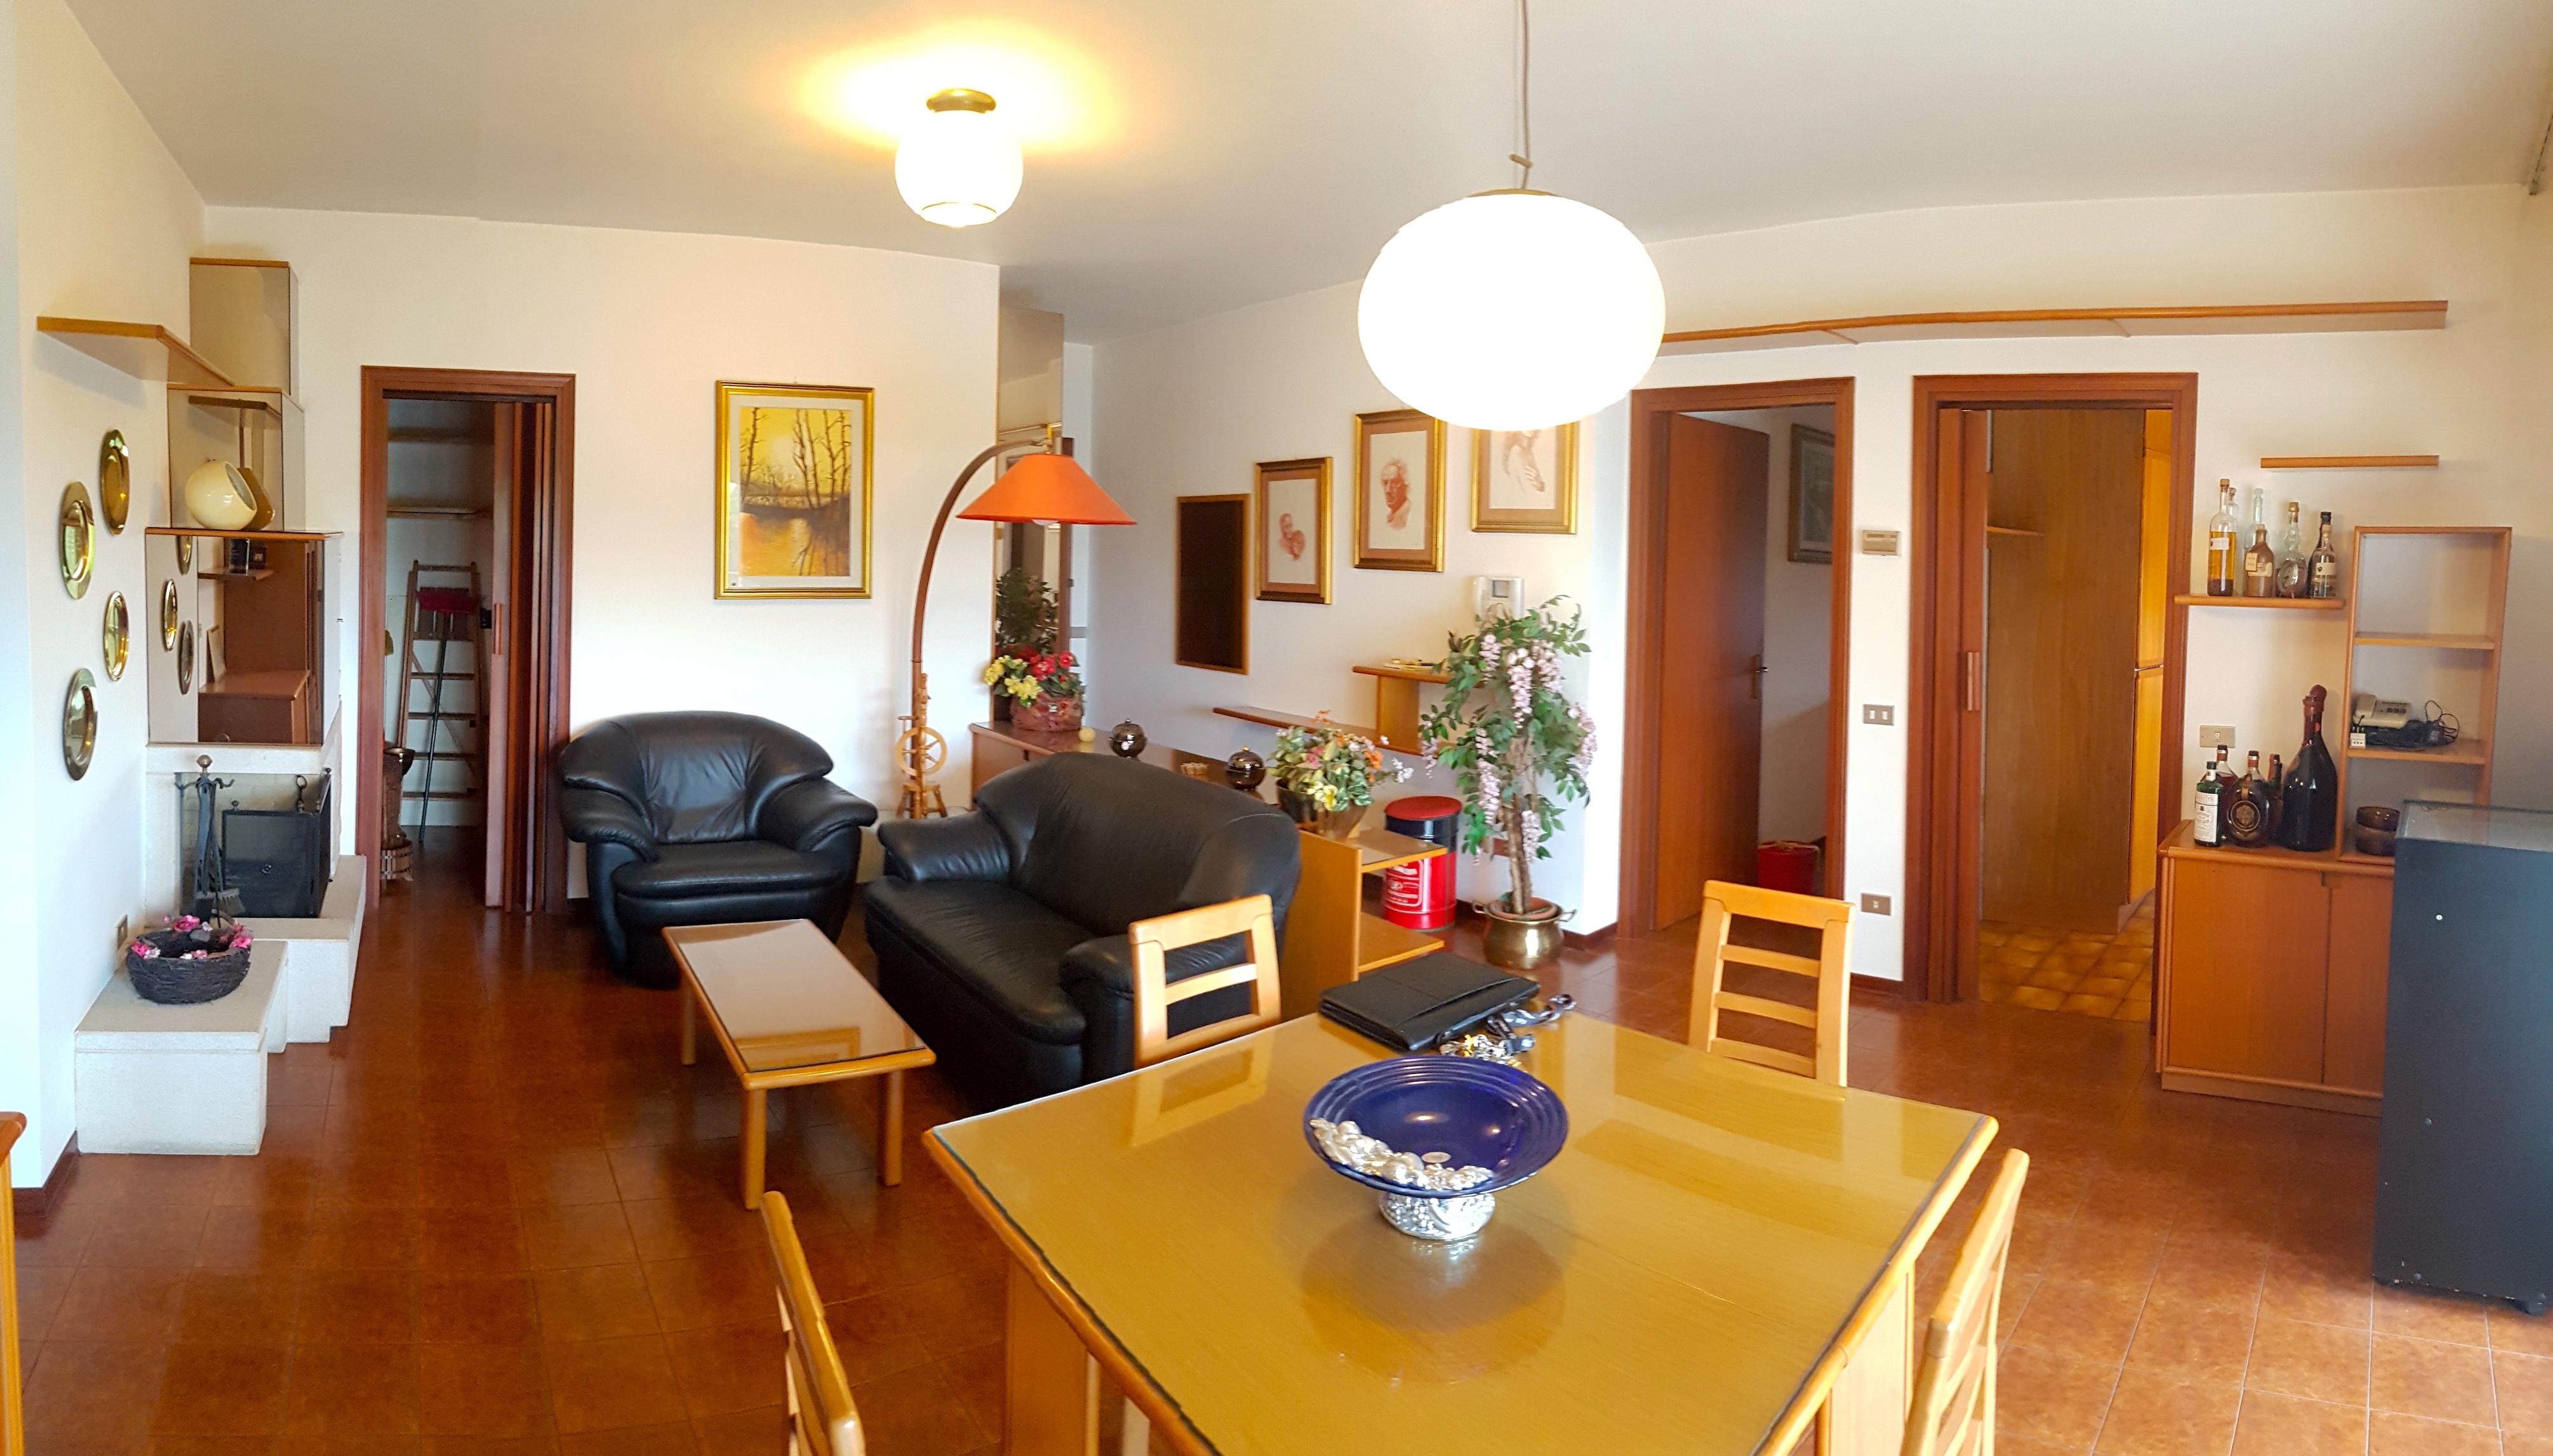 RICCIONE ZONA PARCO, 5 locali con terrazzo e garage in vendita